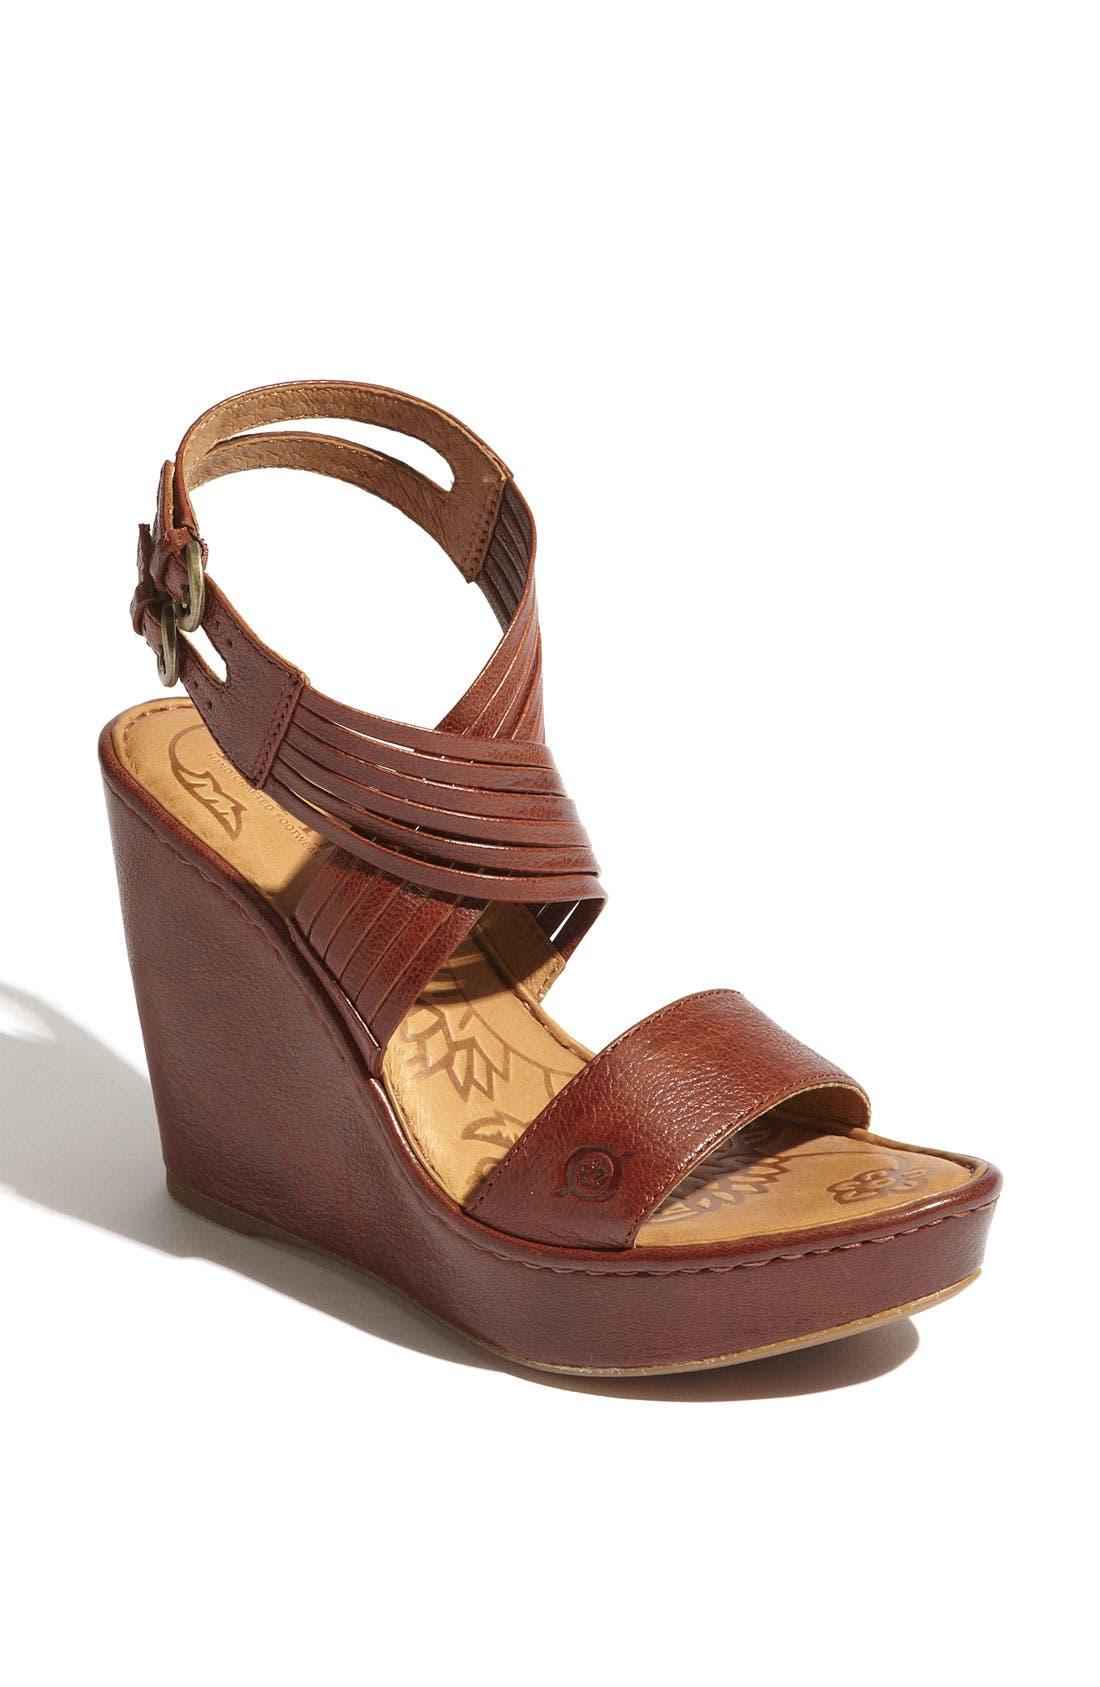 Alternate Image 1 Selected - Børn 'Eleni' Sandal